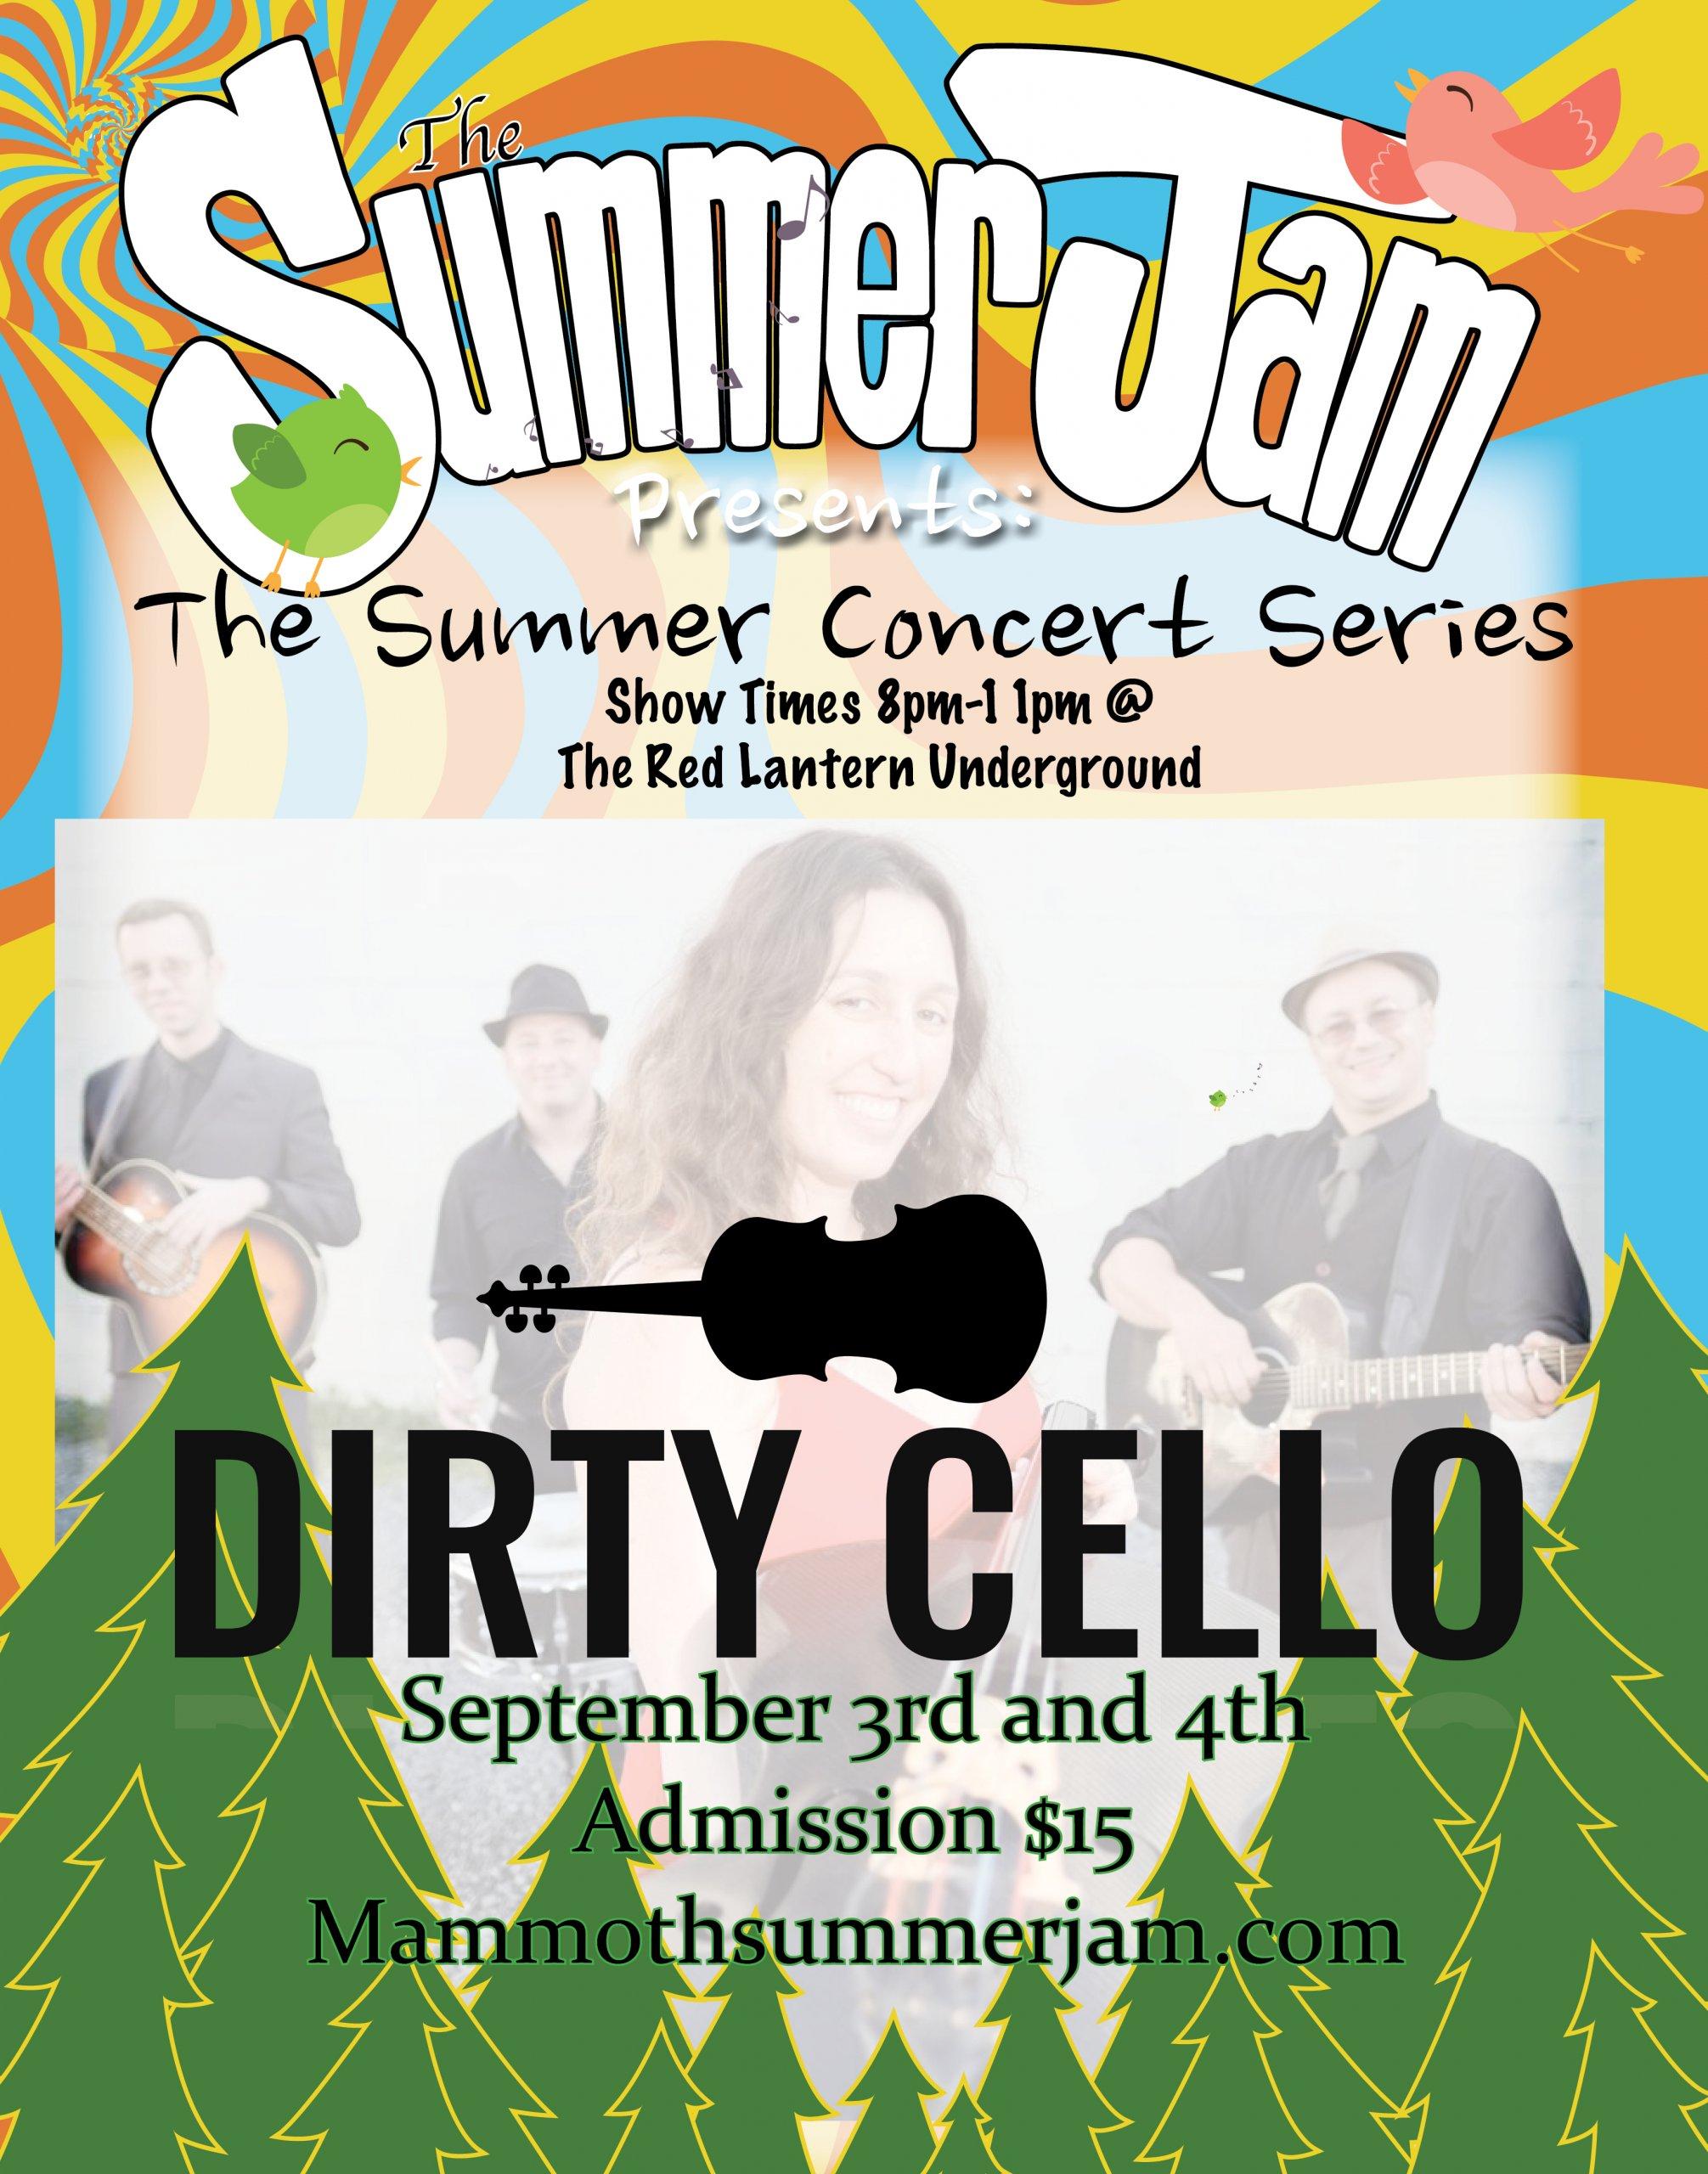 Dirty-Cello-poster